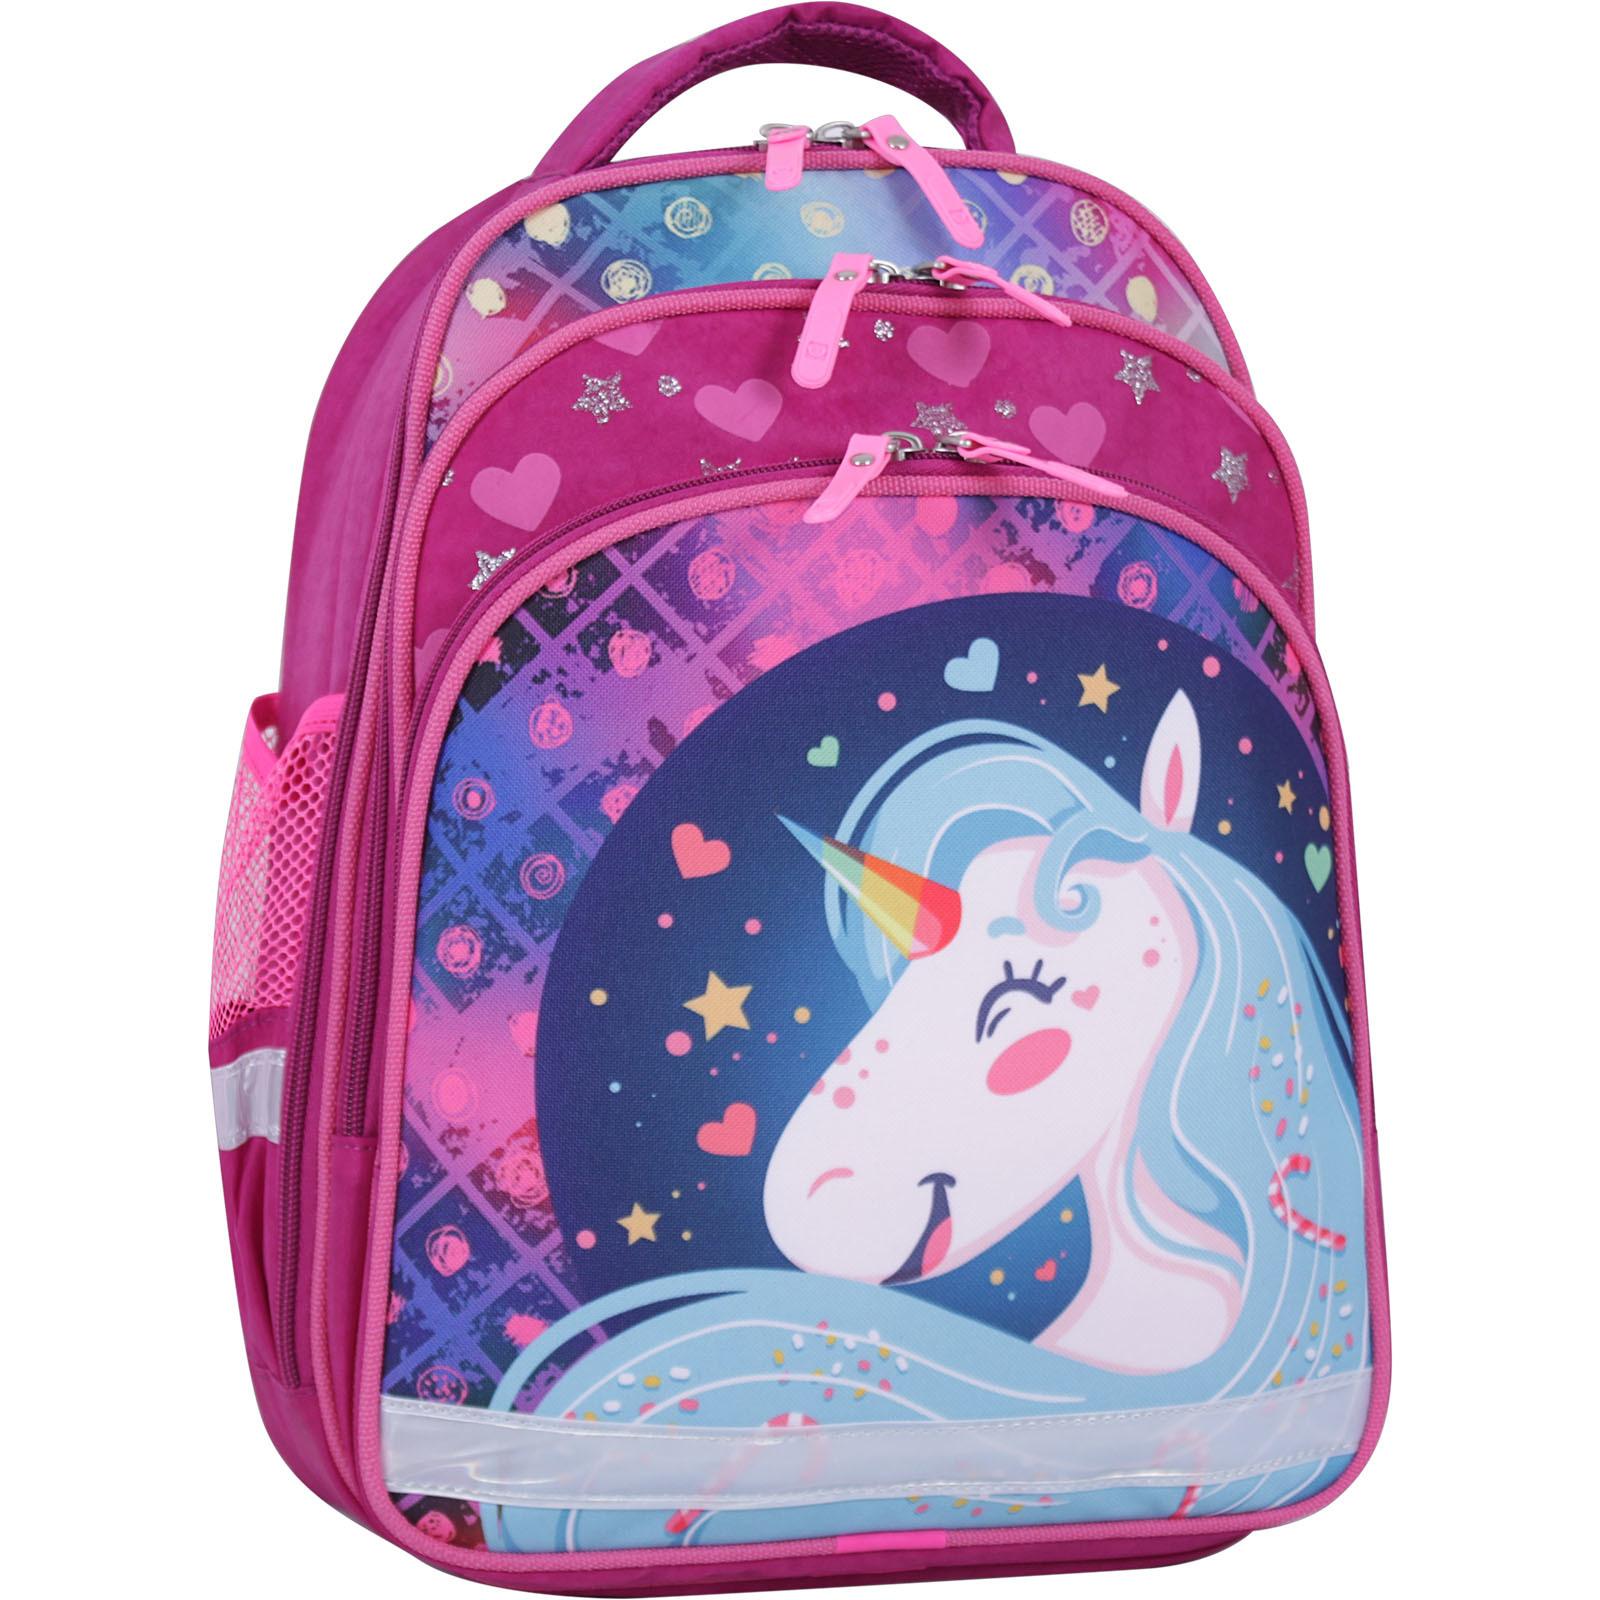 Для детей Рюкзак школьный Bagland Mouse 143 малиновый 504 (0051370) IMG_8412_суб504_-1600.jpg